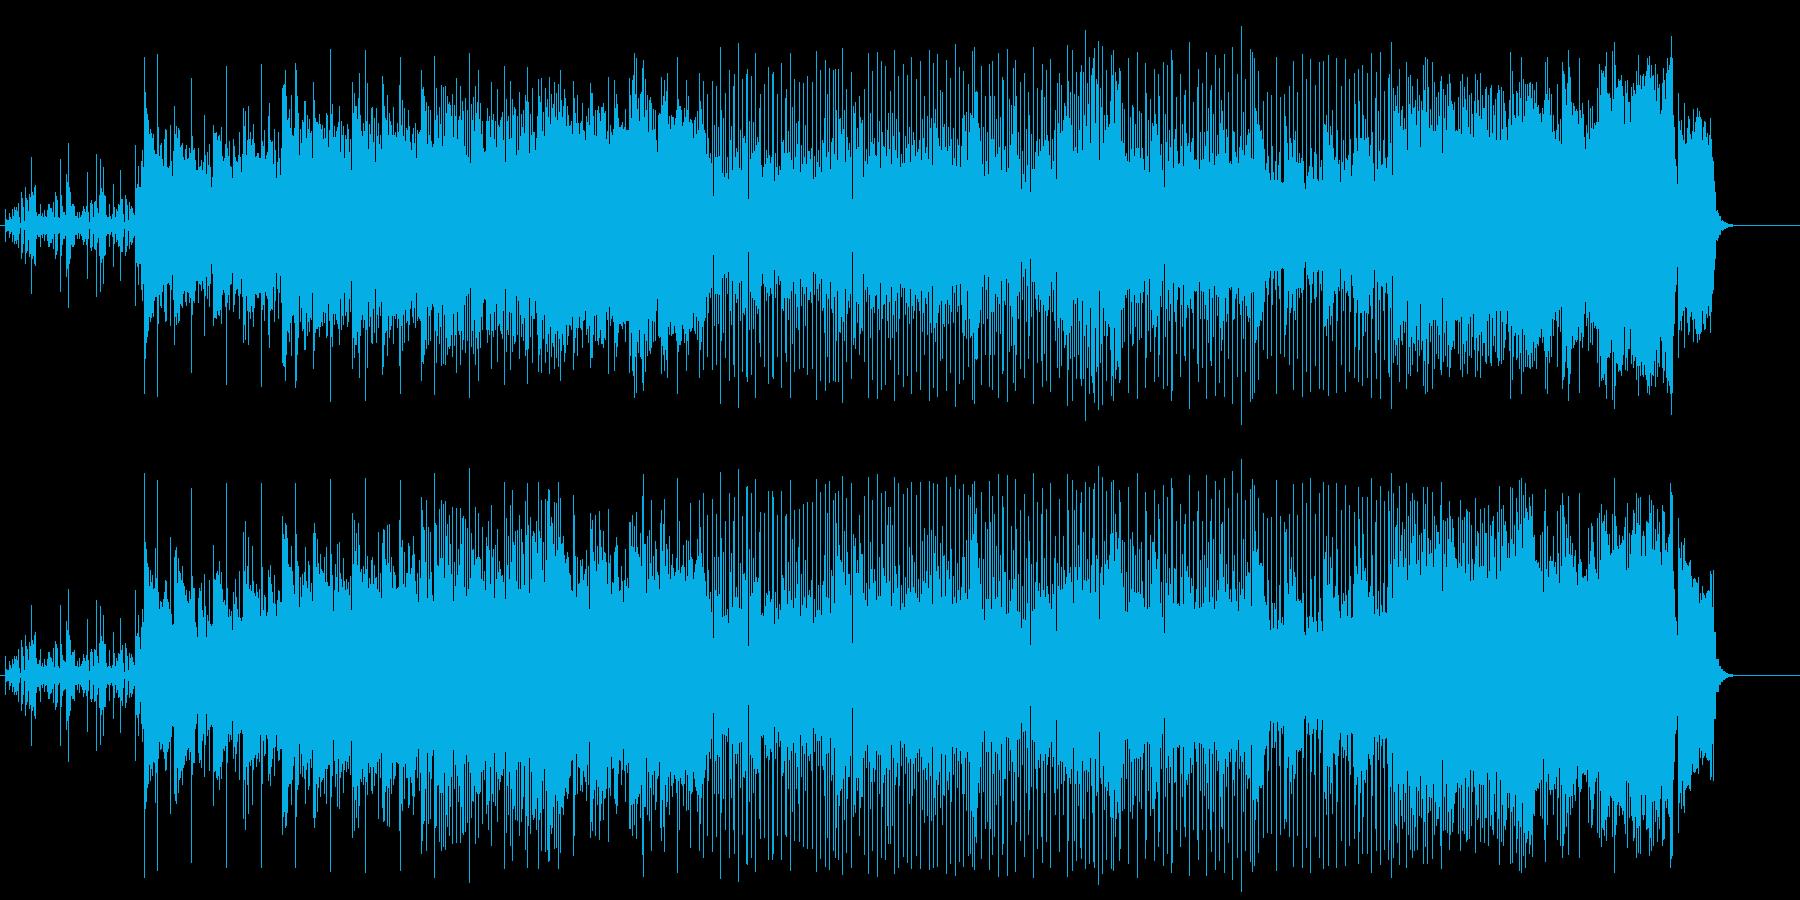 怪しいマイナー・テクノ/ポップの再生済みの波形